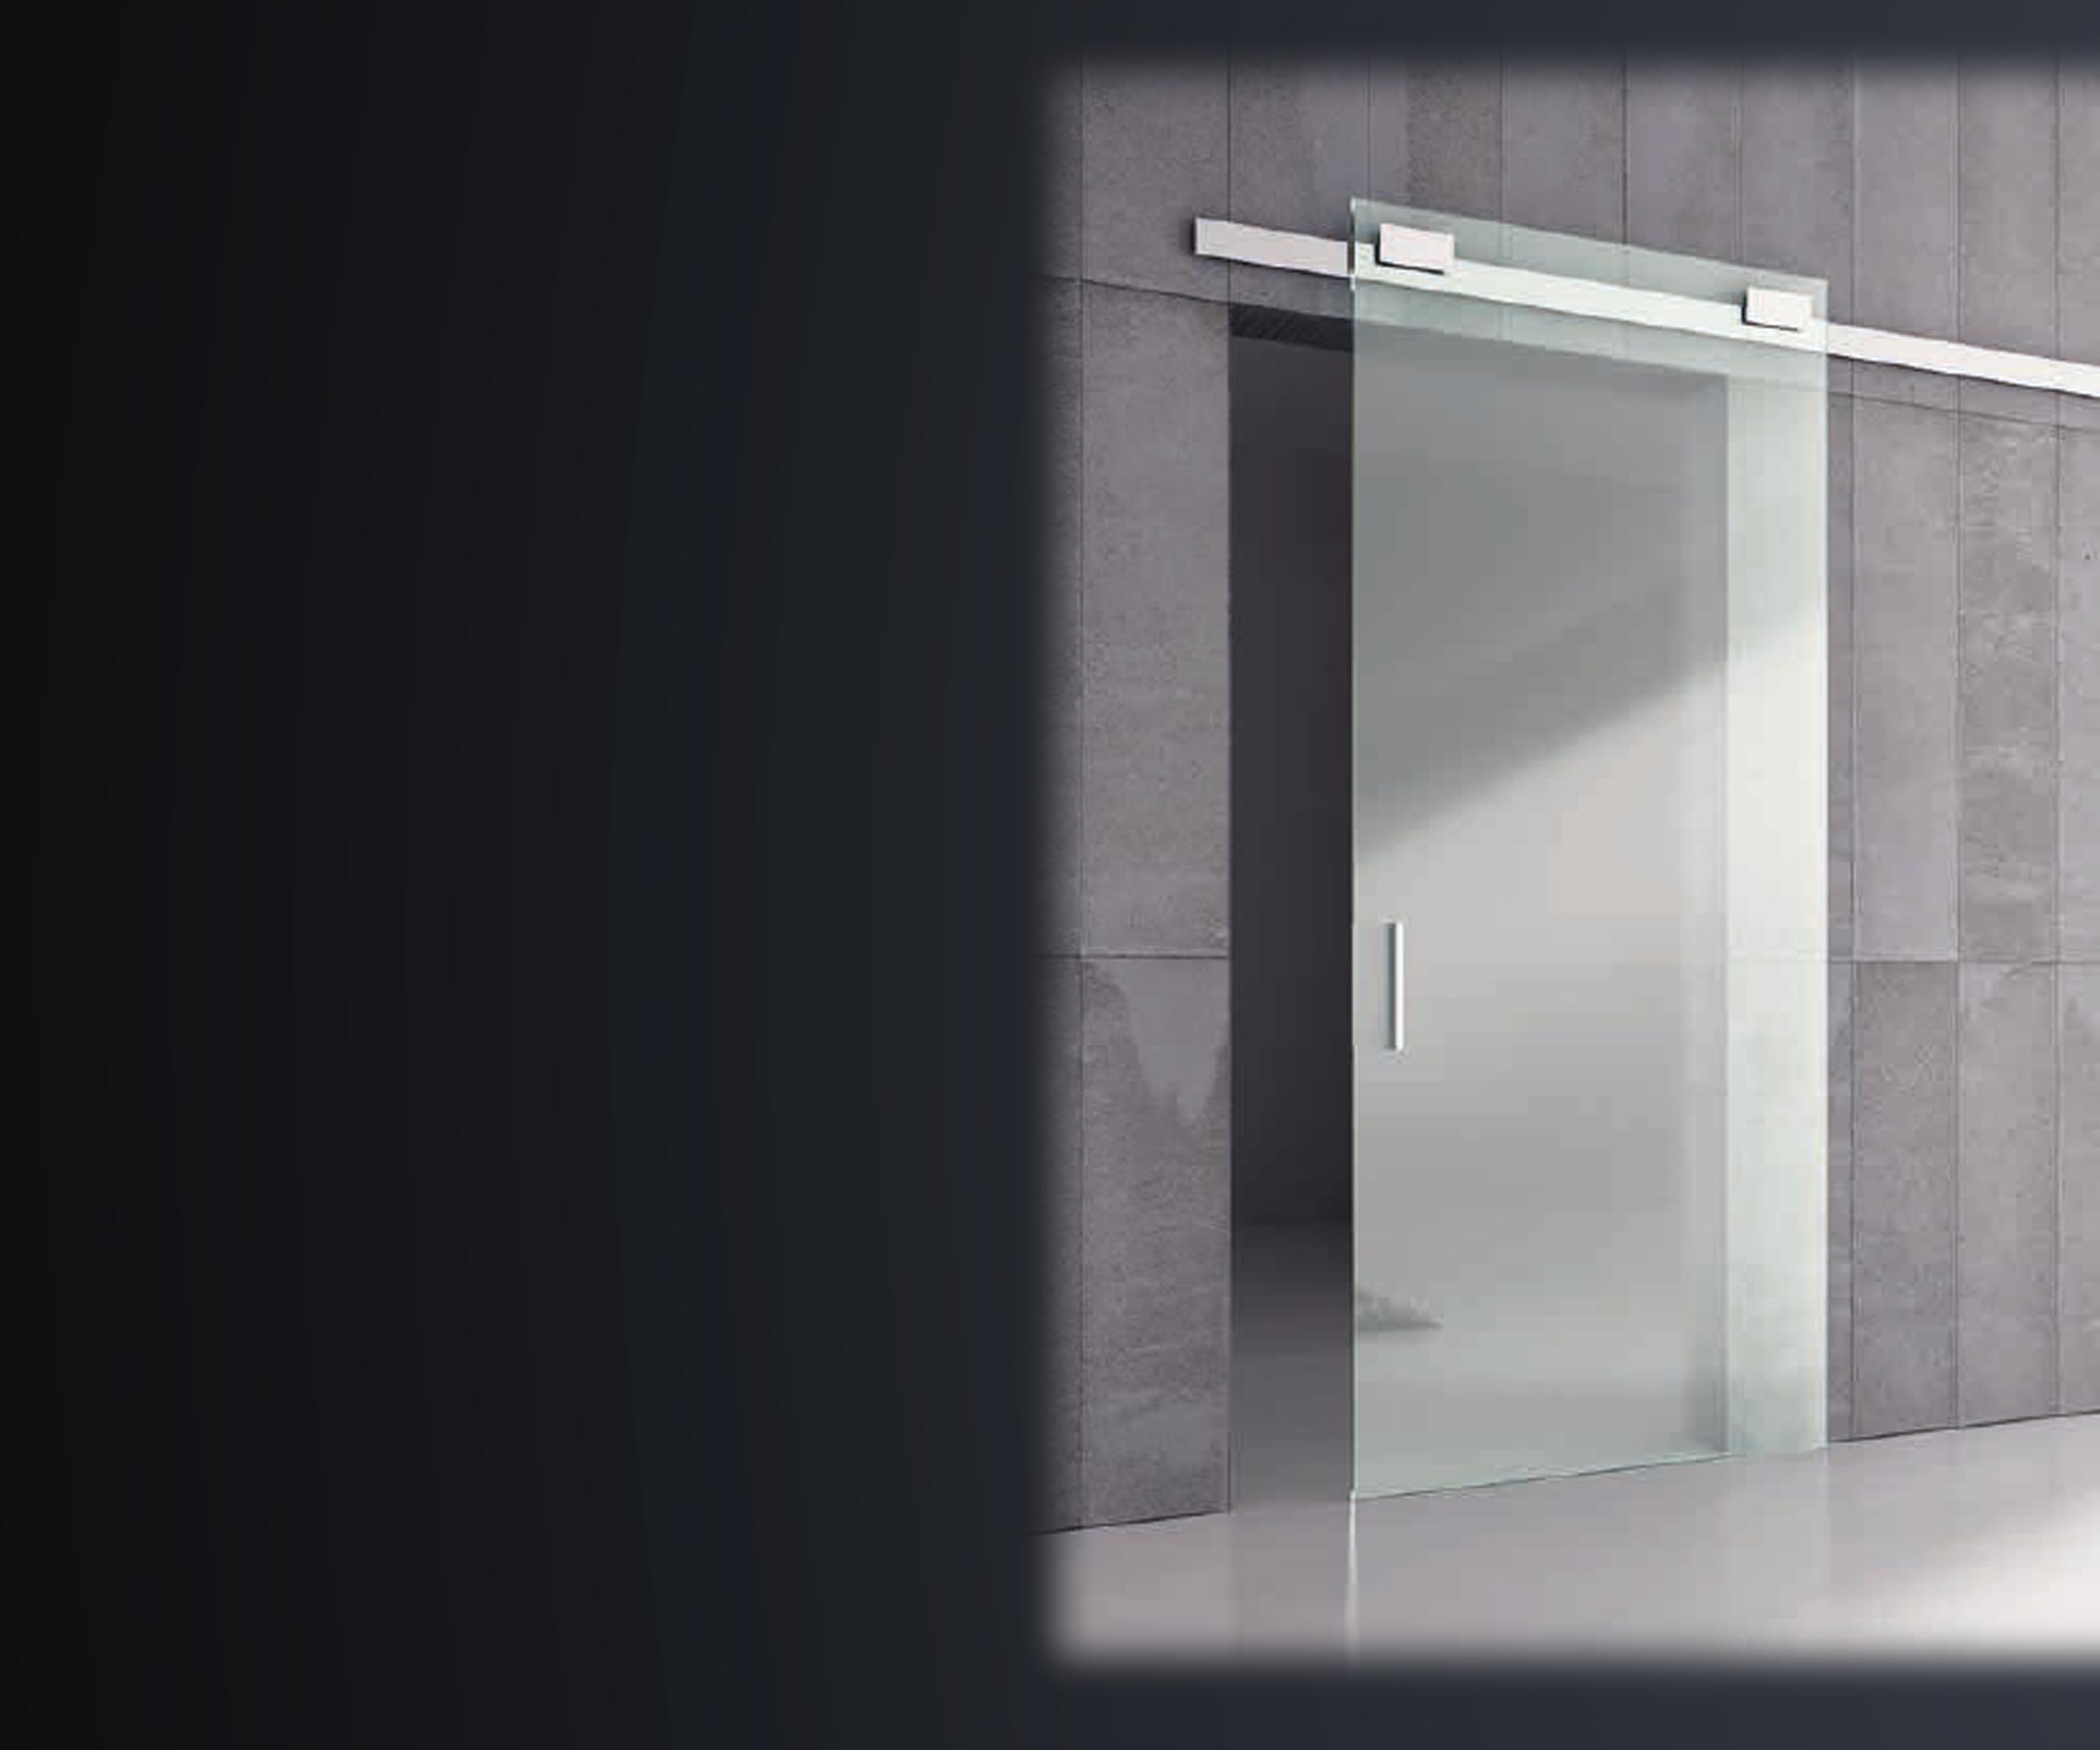 binari porte scorrevoli vetro